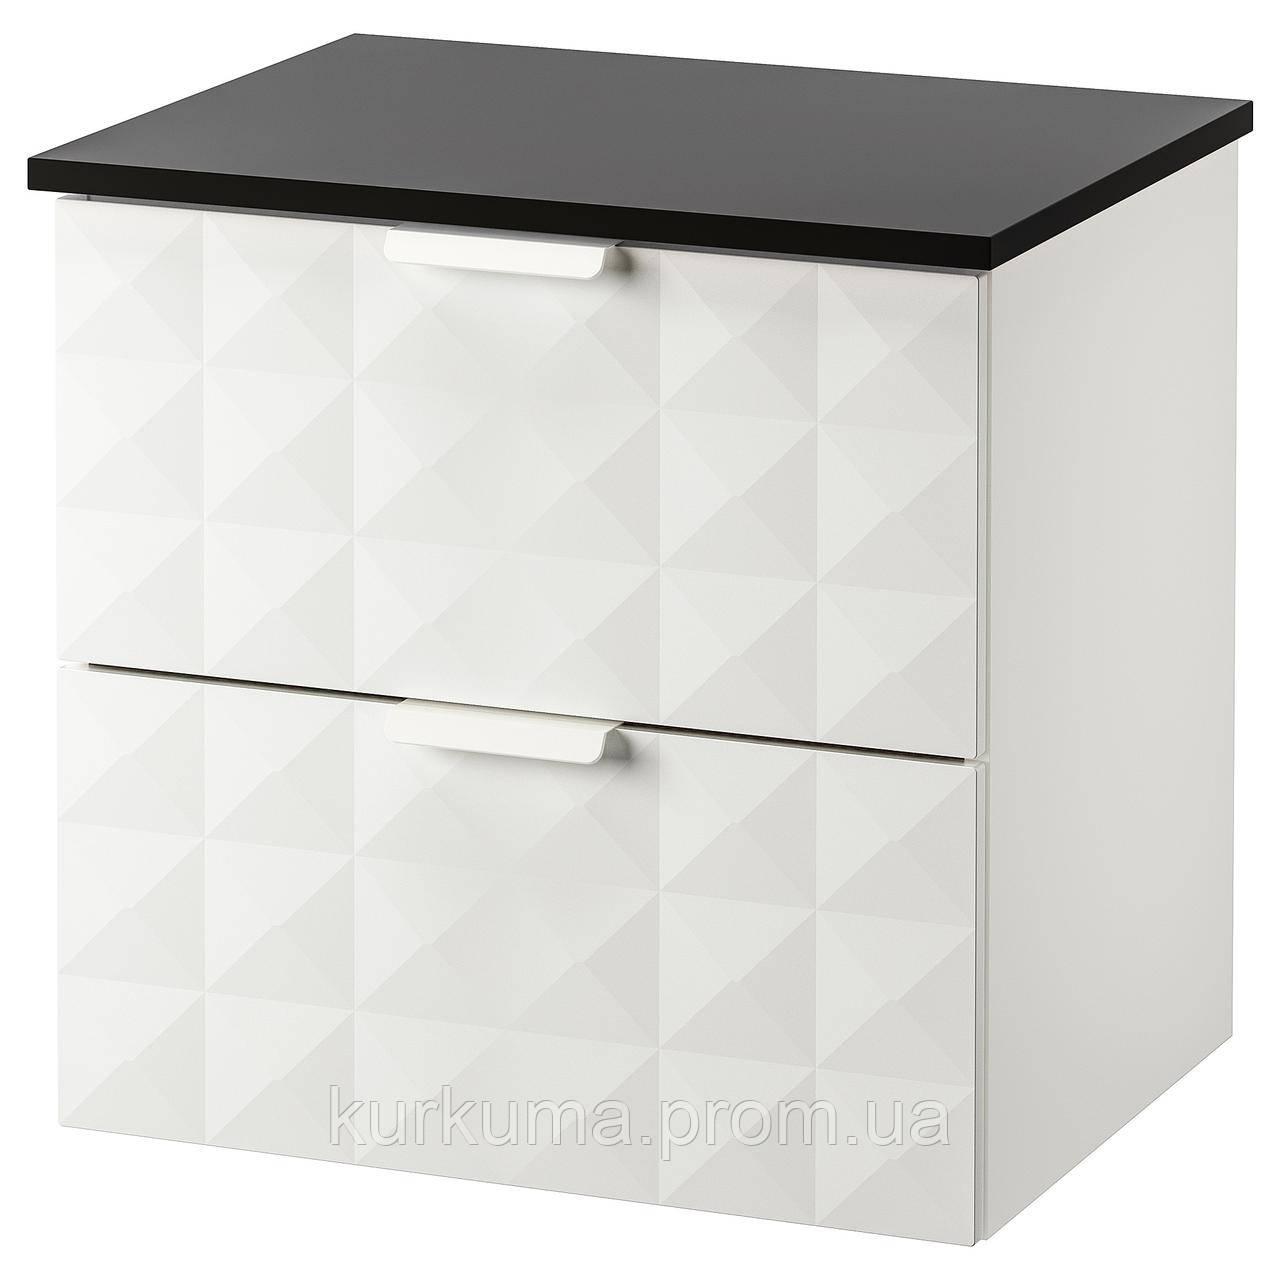 IKEA GODMORGON/TOLKEN Шафа під умивальник зі стільницею, Ресжон білий, антрацит (592.954.44)